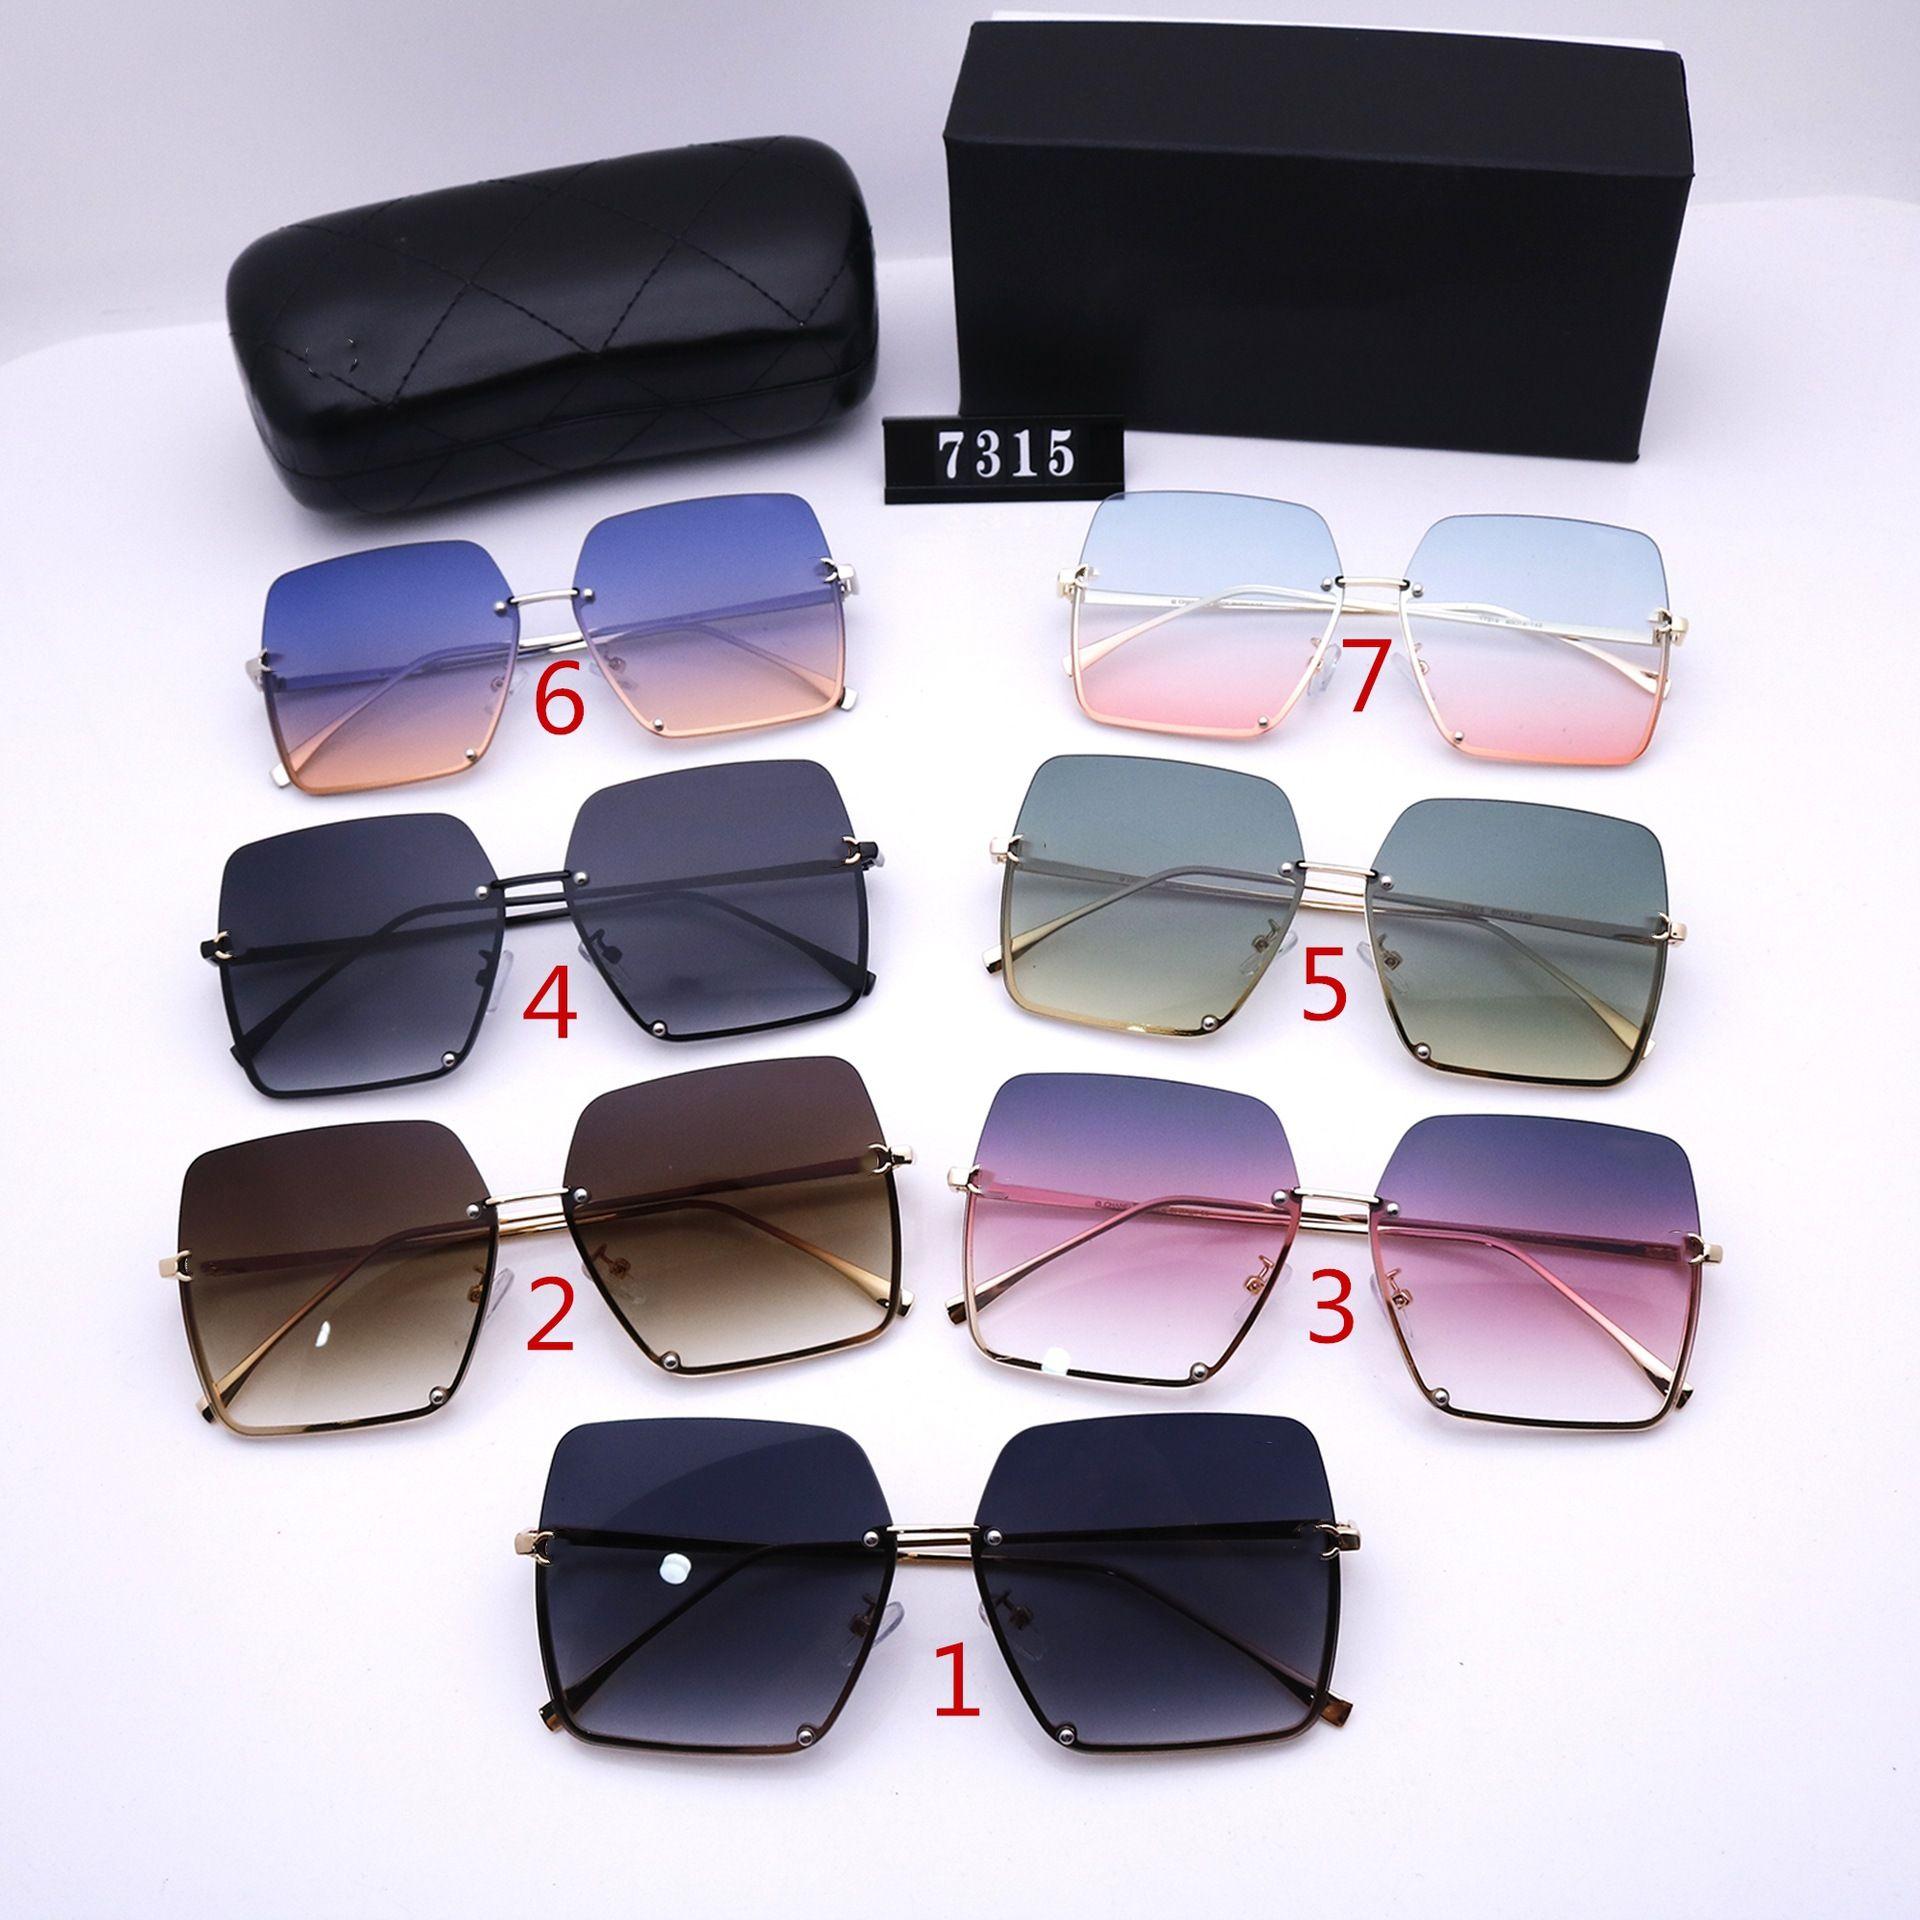 سبعة ألوان النظارات الشمسية نصف إطار للرجال والنساء أزياء كبير ساحة فالوريز تصميم جودة عالية hd الاستقطاب عدسات القيادة نظارات 7315